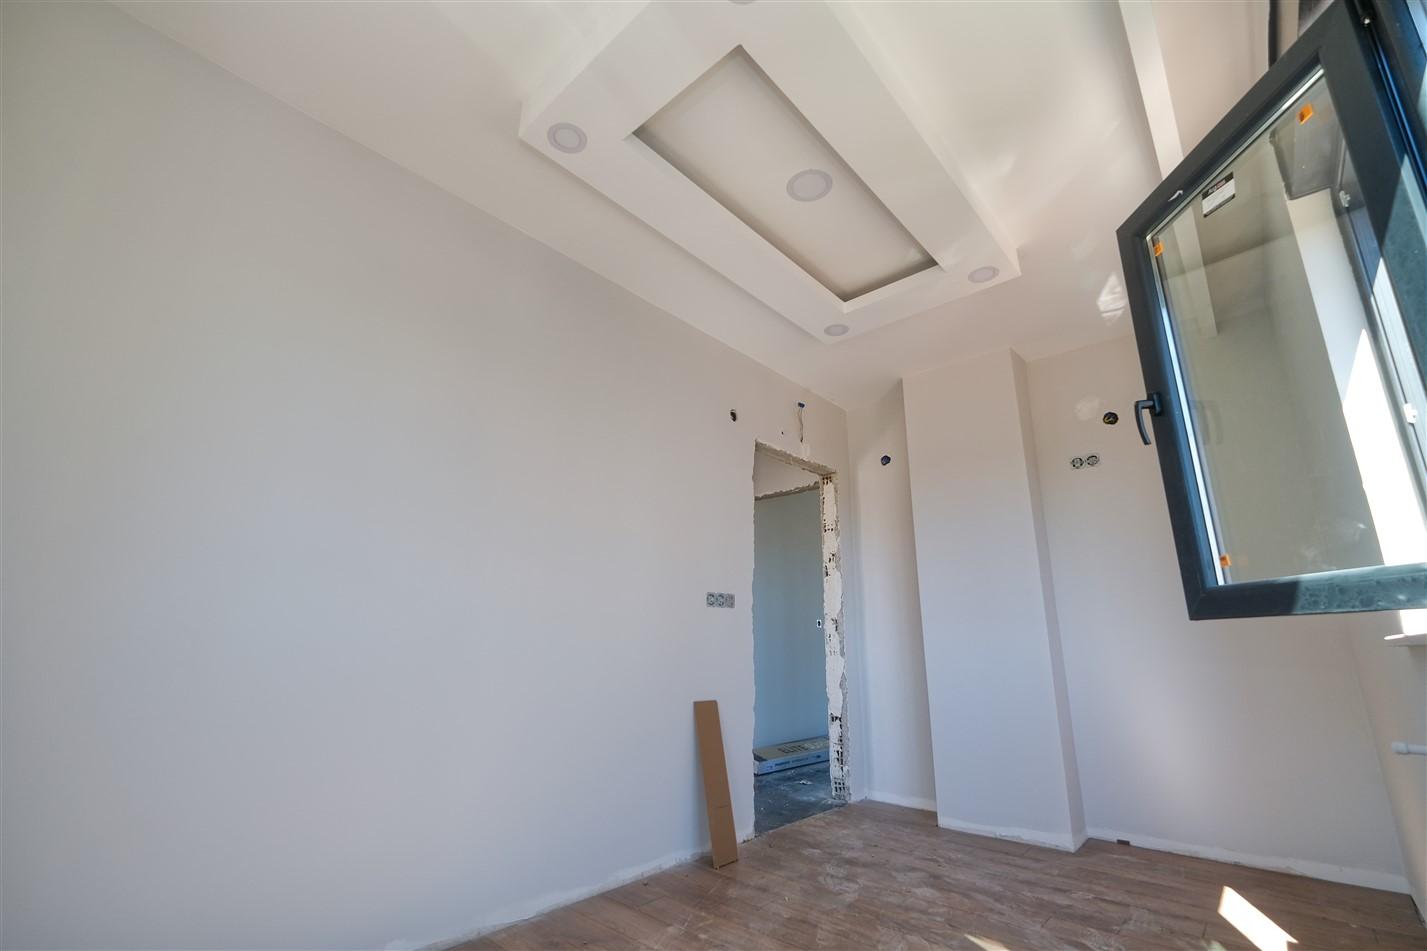 Четырёхкомнатная квартира в Анталье по демократичной цене - Фото 12